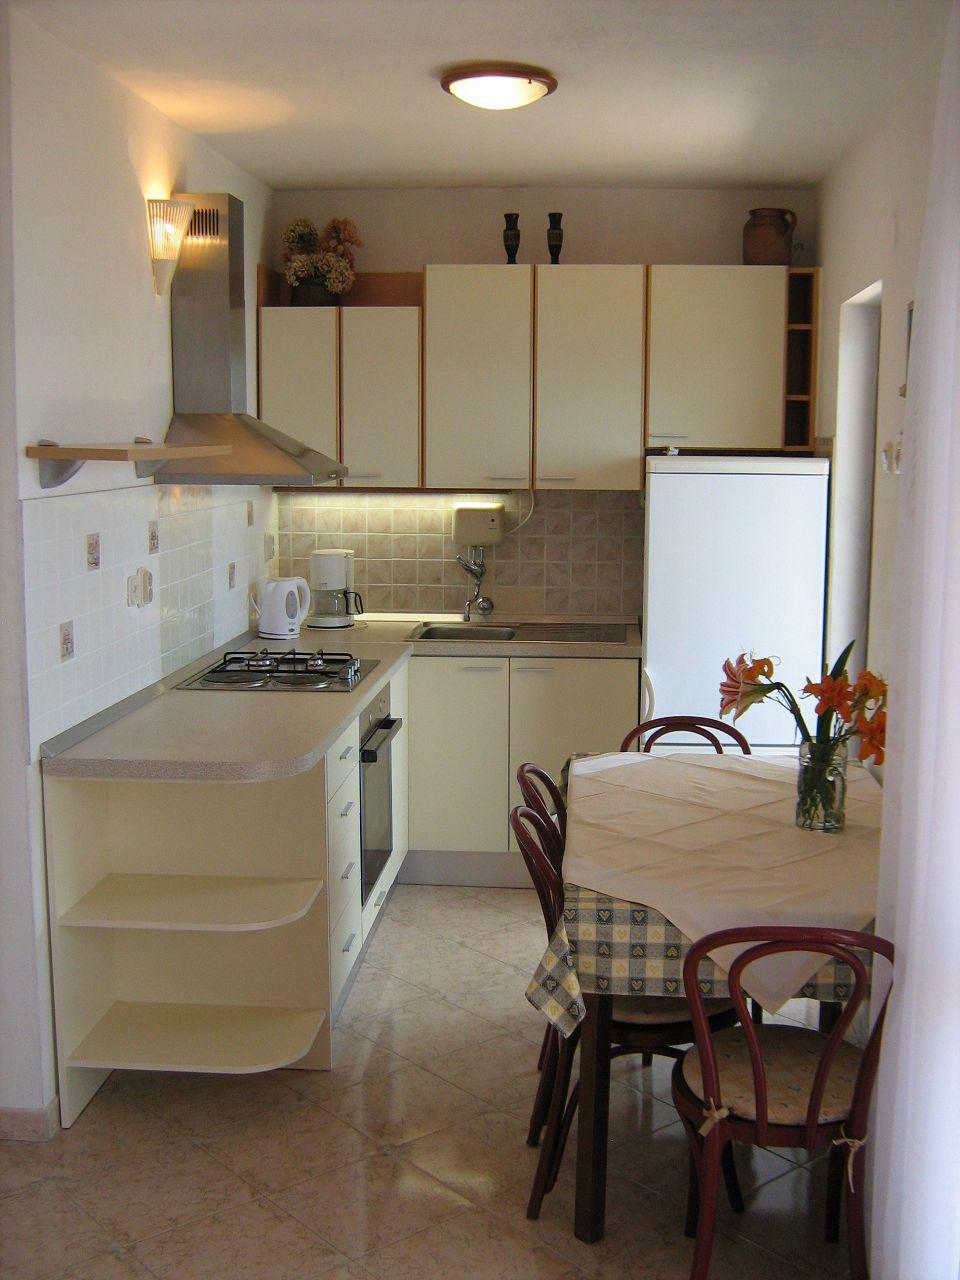 00209PISA  - Pisak - Ferienwohnungen Kroatien - A2 Istok (2+2): Küche und Speisezimmer